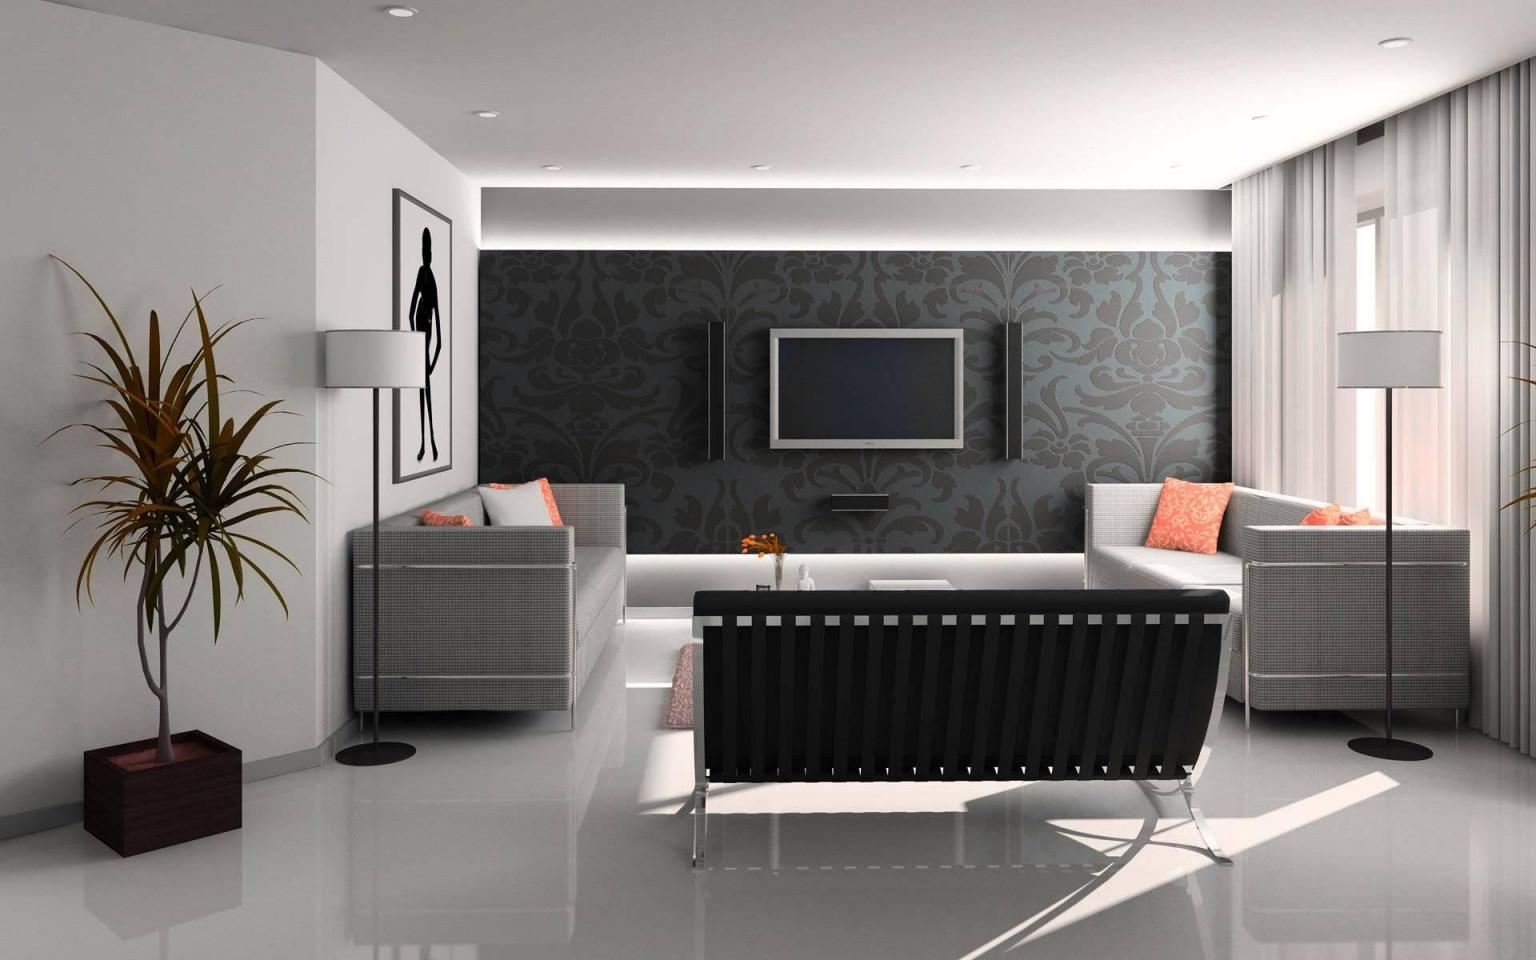 Wandgestaltung Ideen Farbe Wohnzimmer  Schlafzimmer von Wandgestaltung Ideen Wohnzimmer Photo